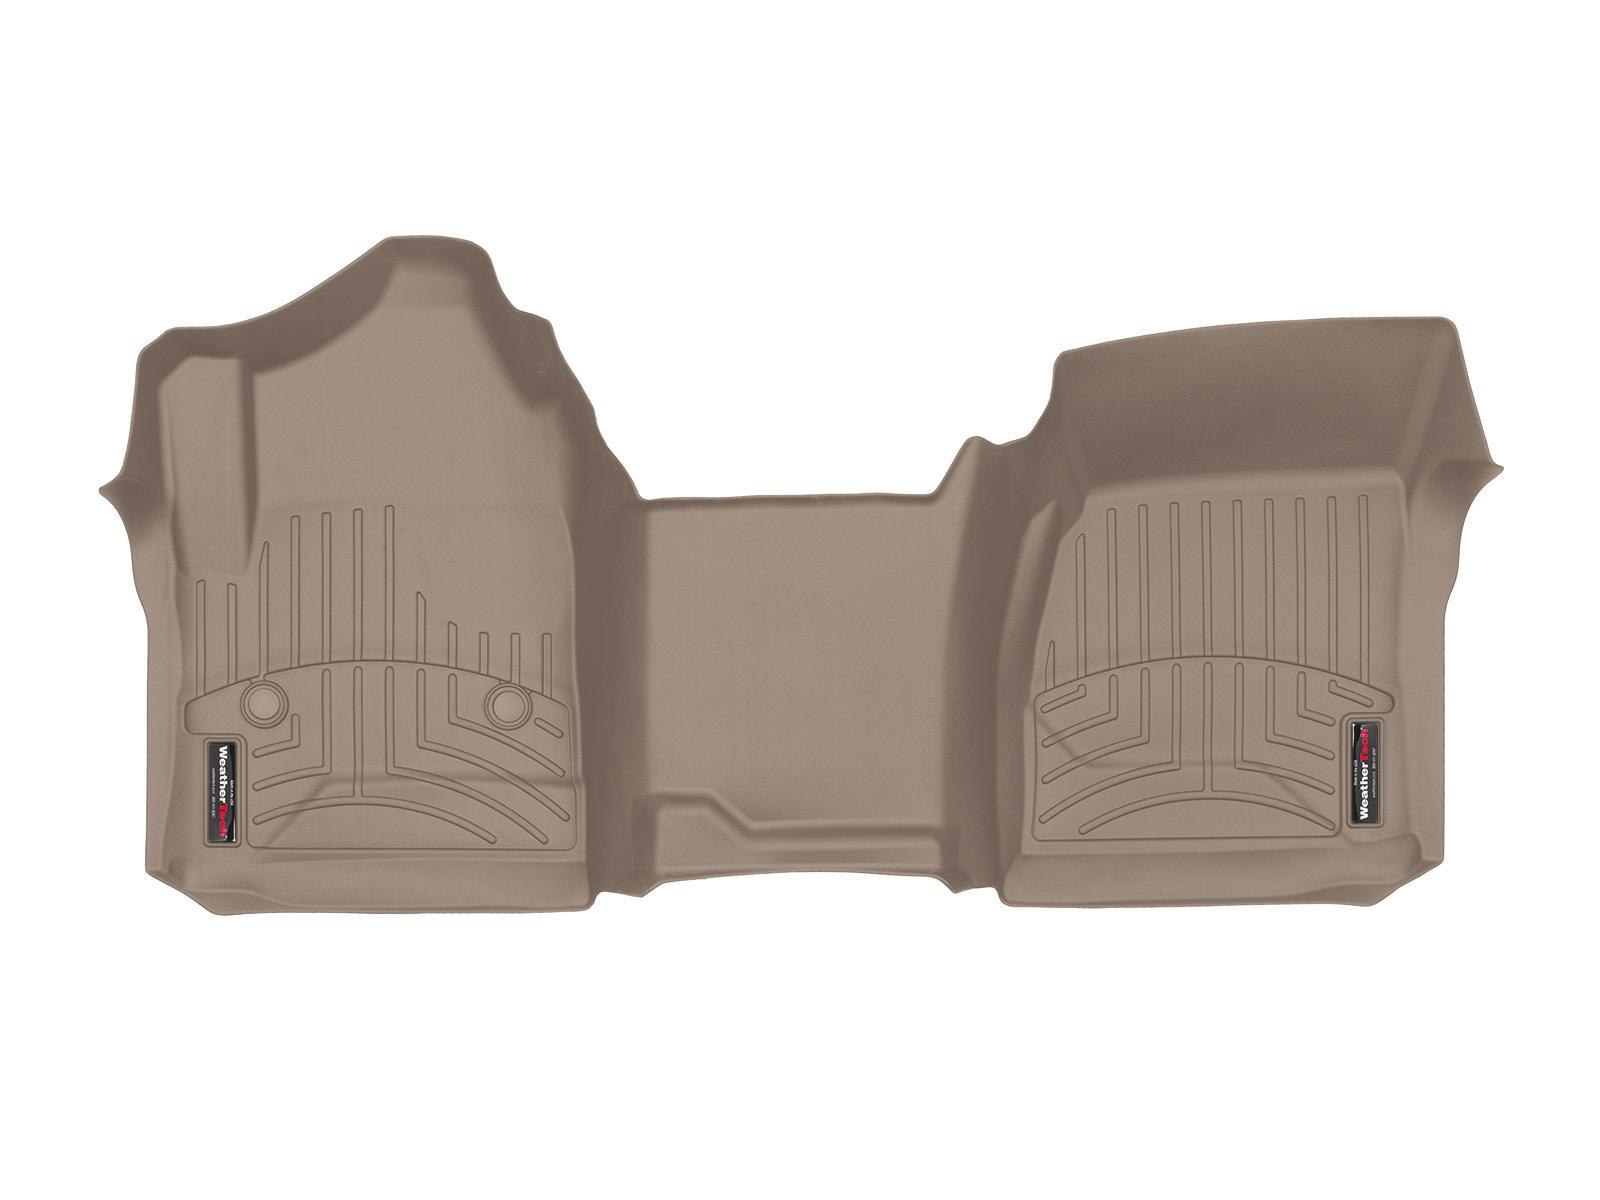 Tappeti gomma su misura bordo alto Chevrolet Silverado 15>17 Marrone A199